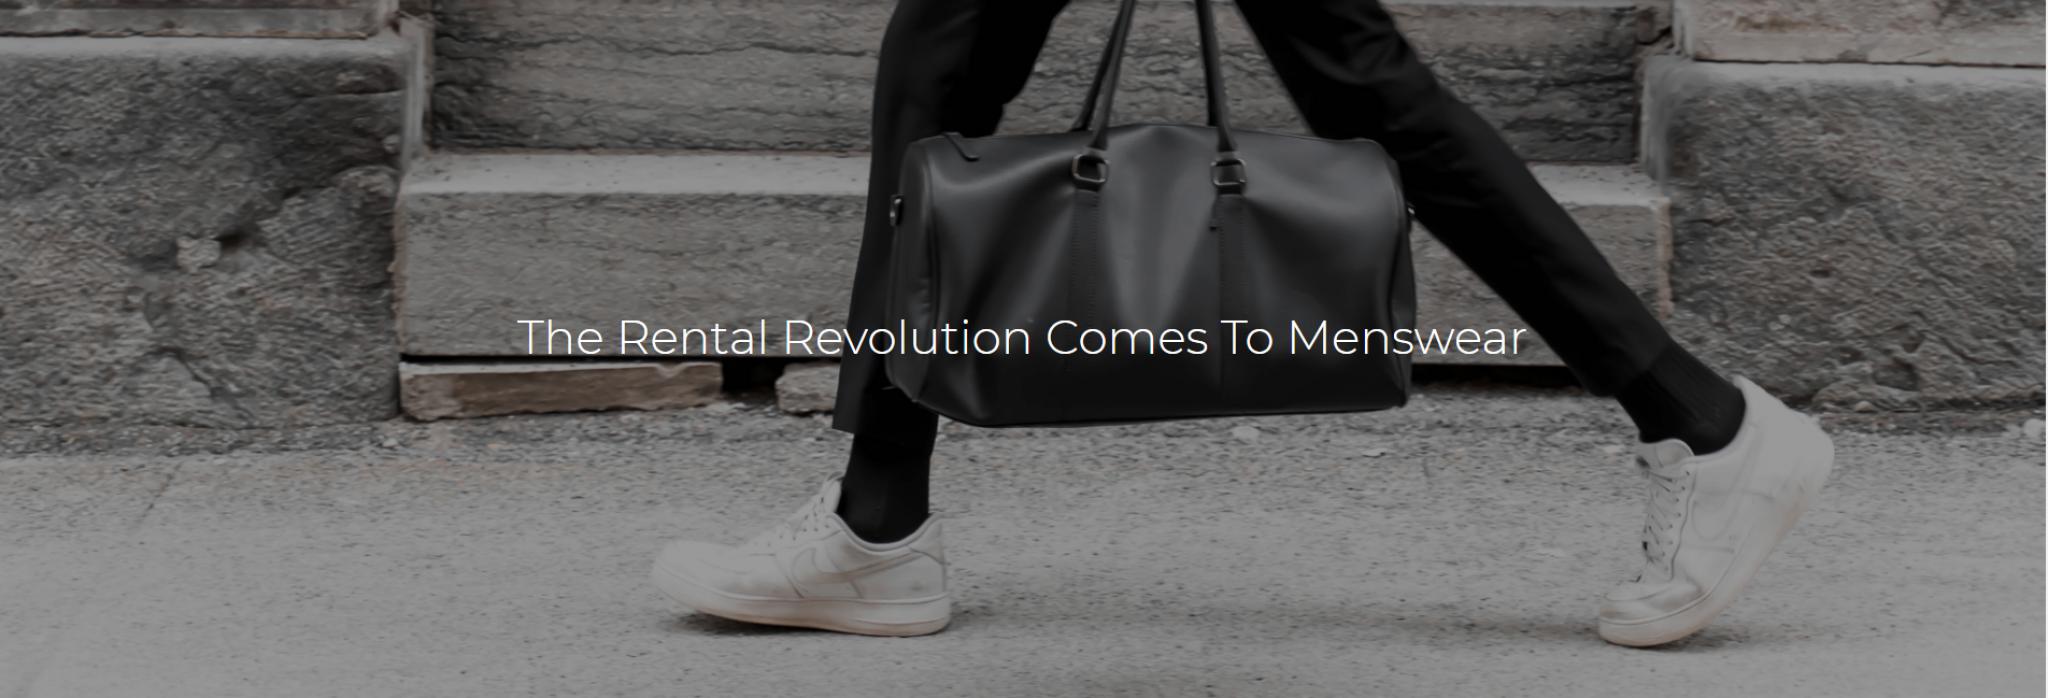 Menswear rental website Garmentry